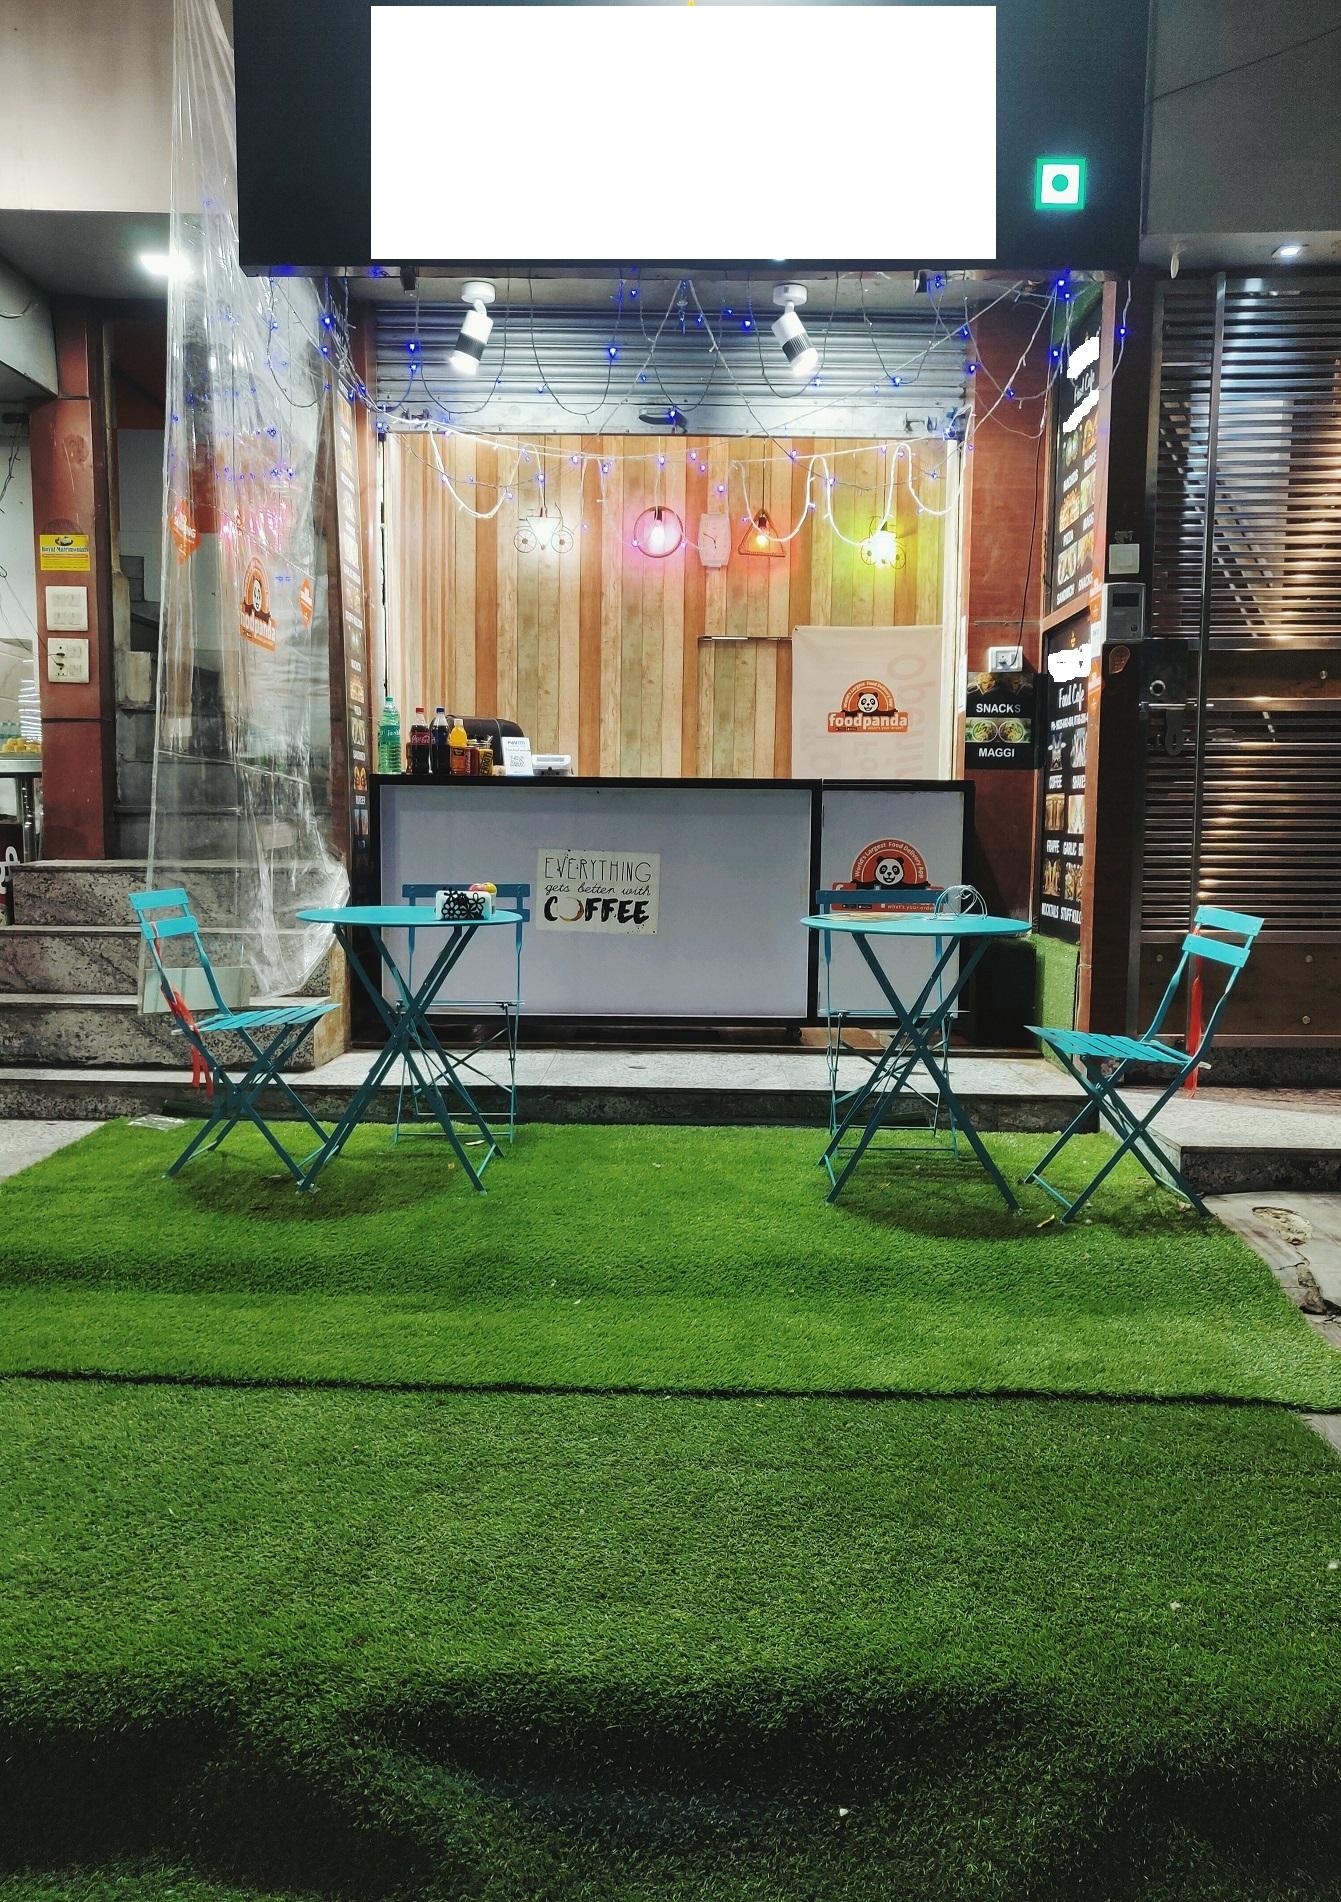 Running Fast Food Cafe for Sale in Prashant Vihar Delhi